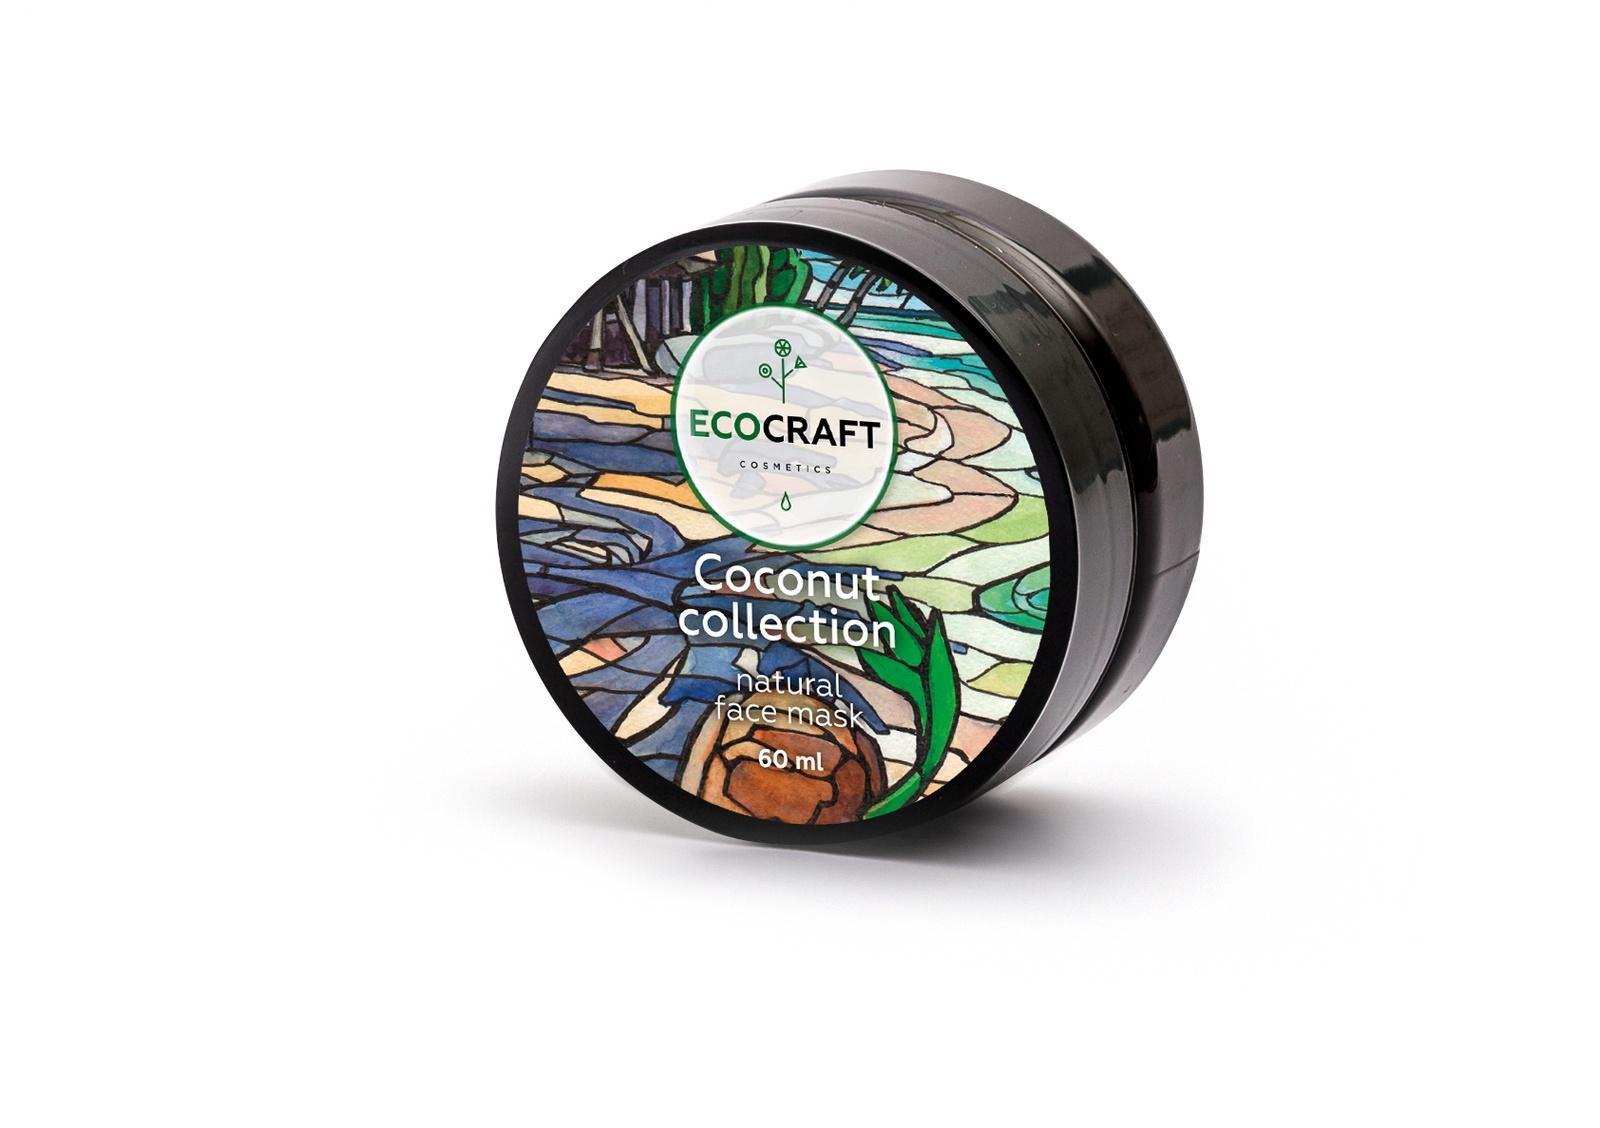 Маска косметическая ECOCRAFT Cosmetics для лица увлажняющая и питательная Coconut collection Кокосовая коллекция, 60 мл маска для лица увлажняющая lady henna маска для лица увлажняющая